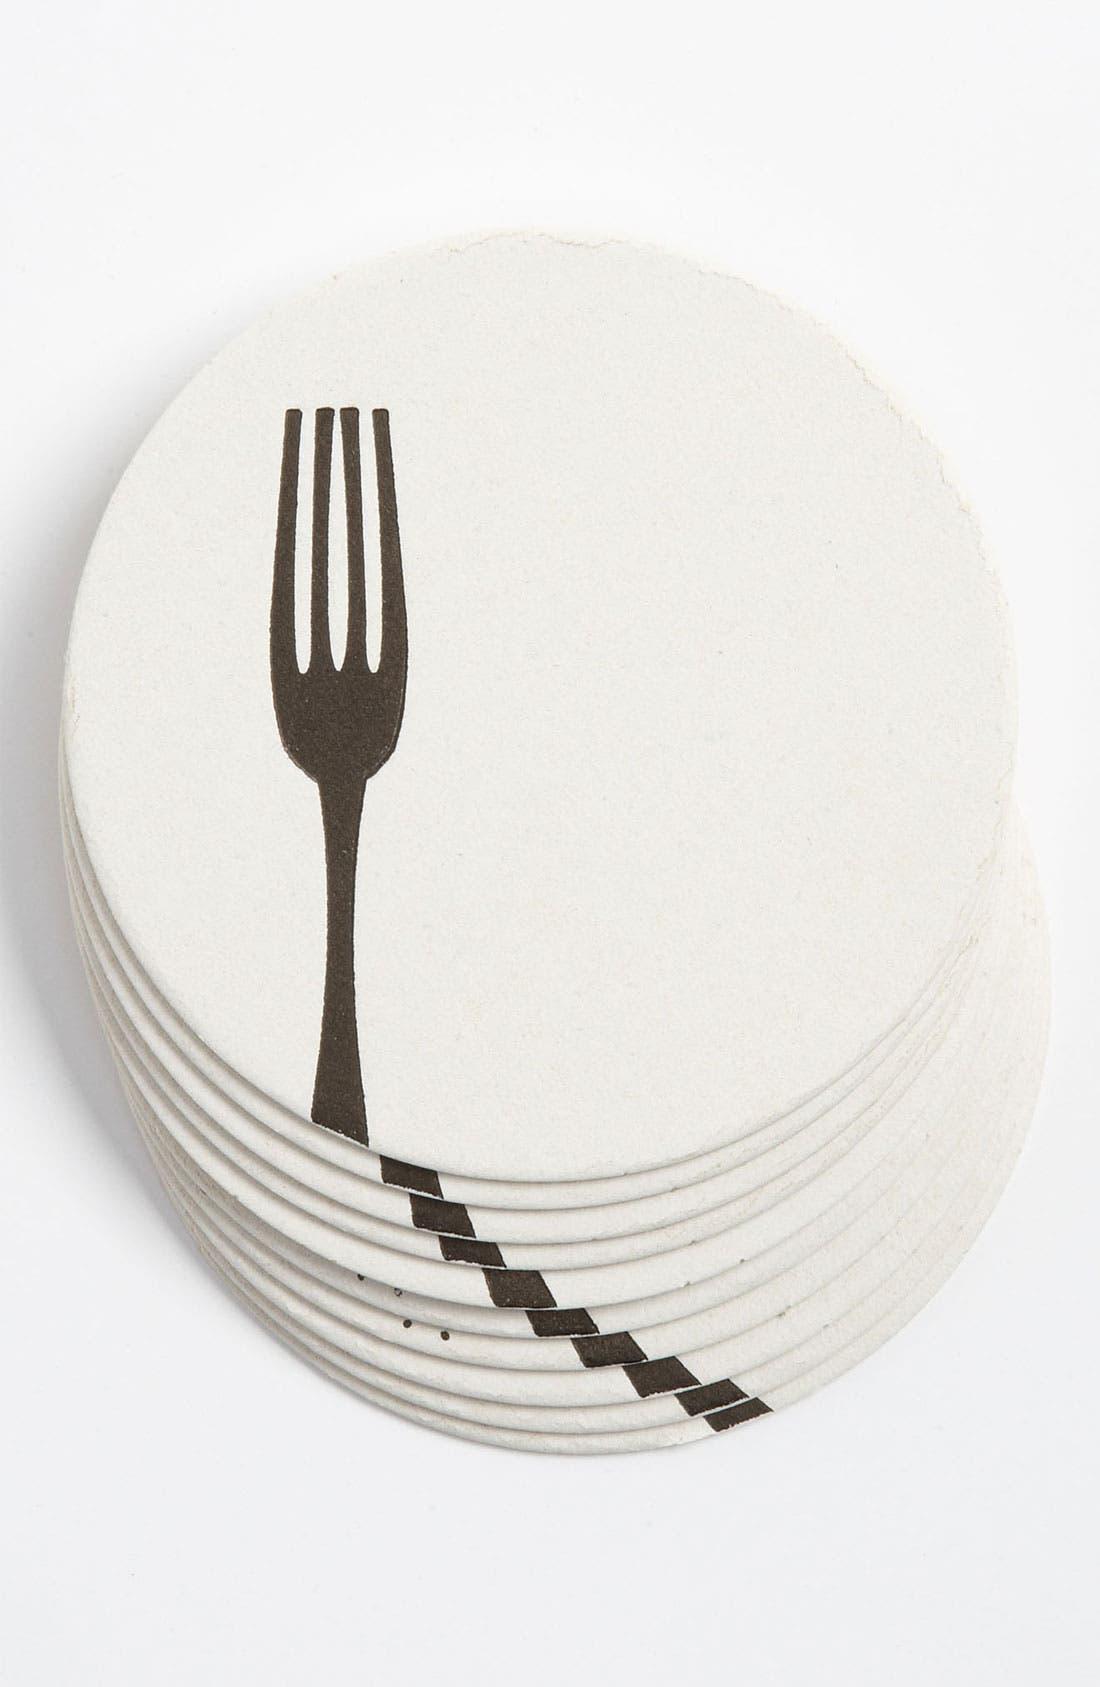 Alternate Image 1 Selected - 'Dinner Fork' Letterpress Coasters (Set of 10)